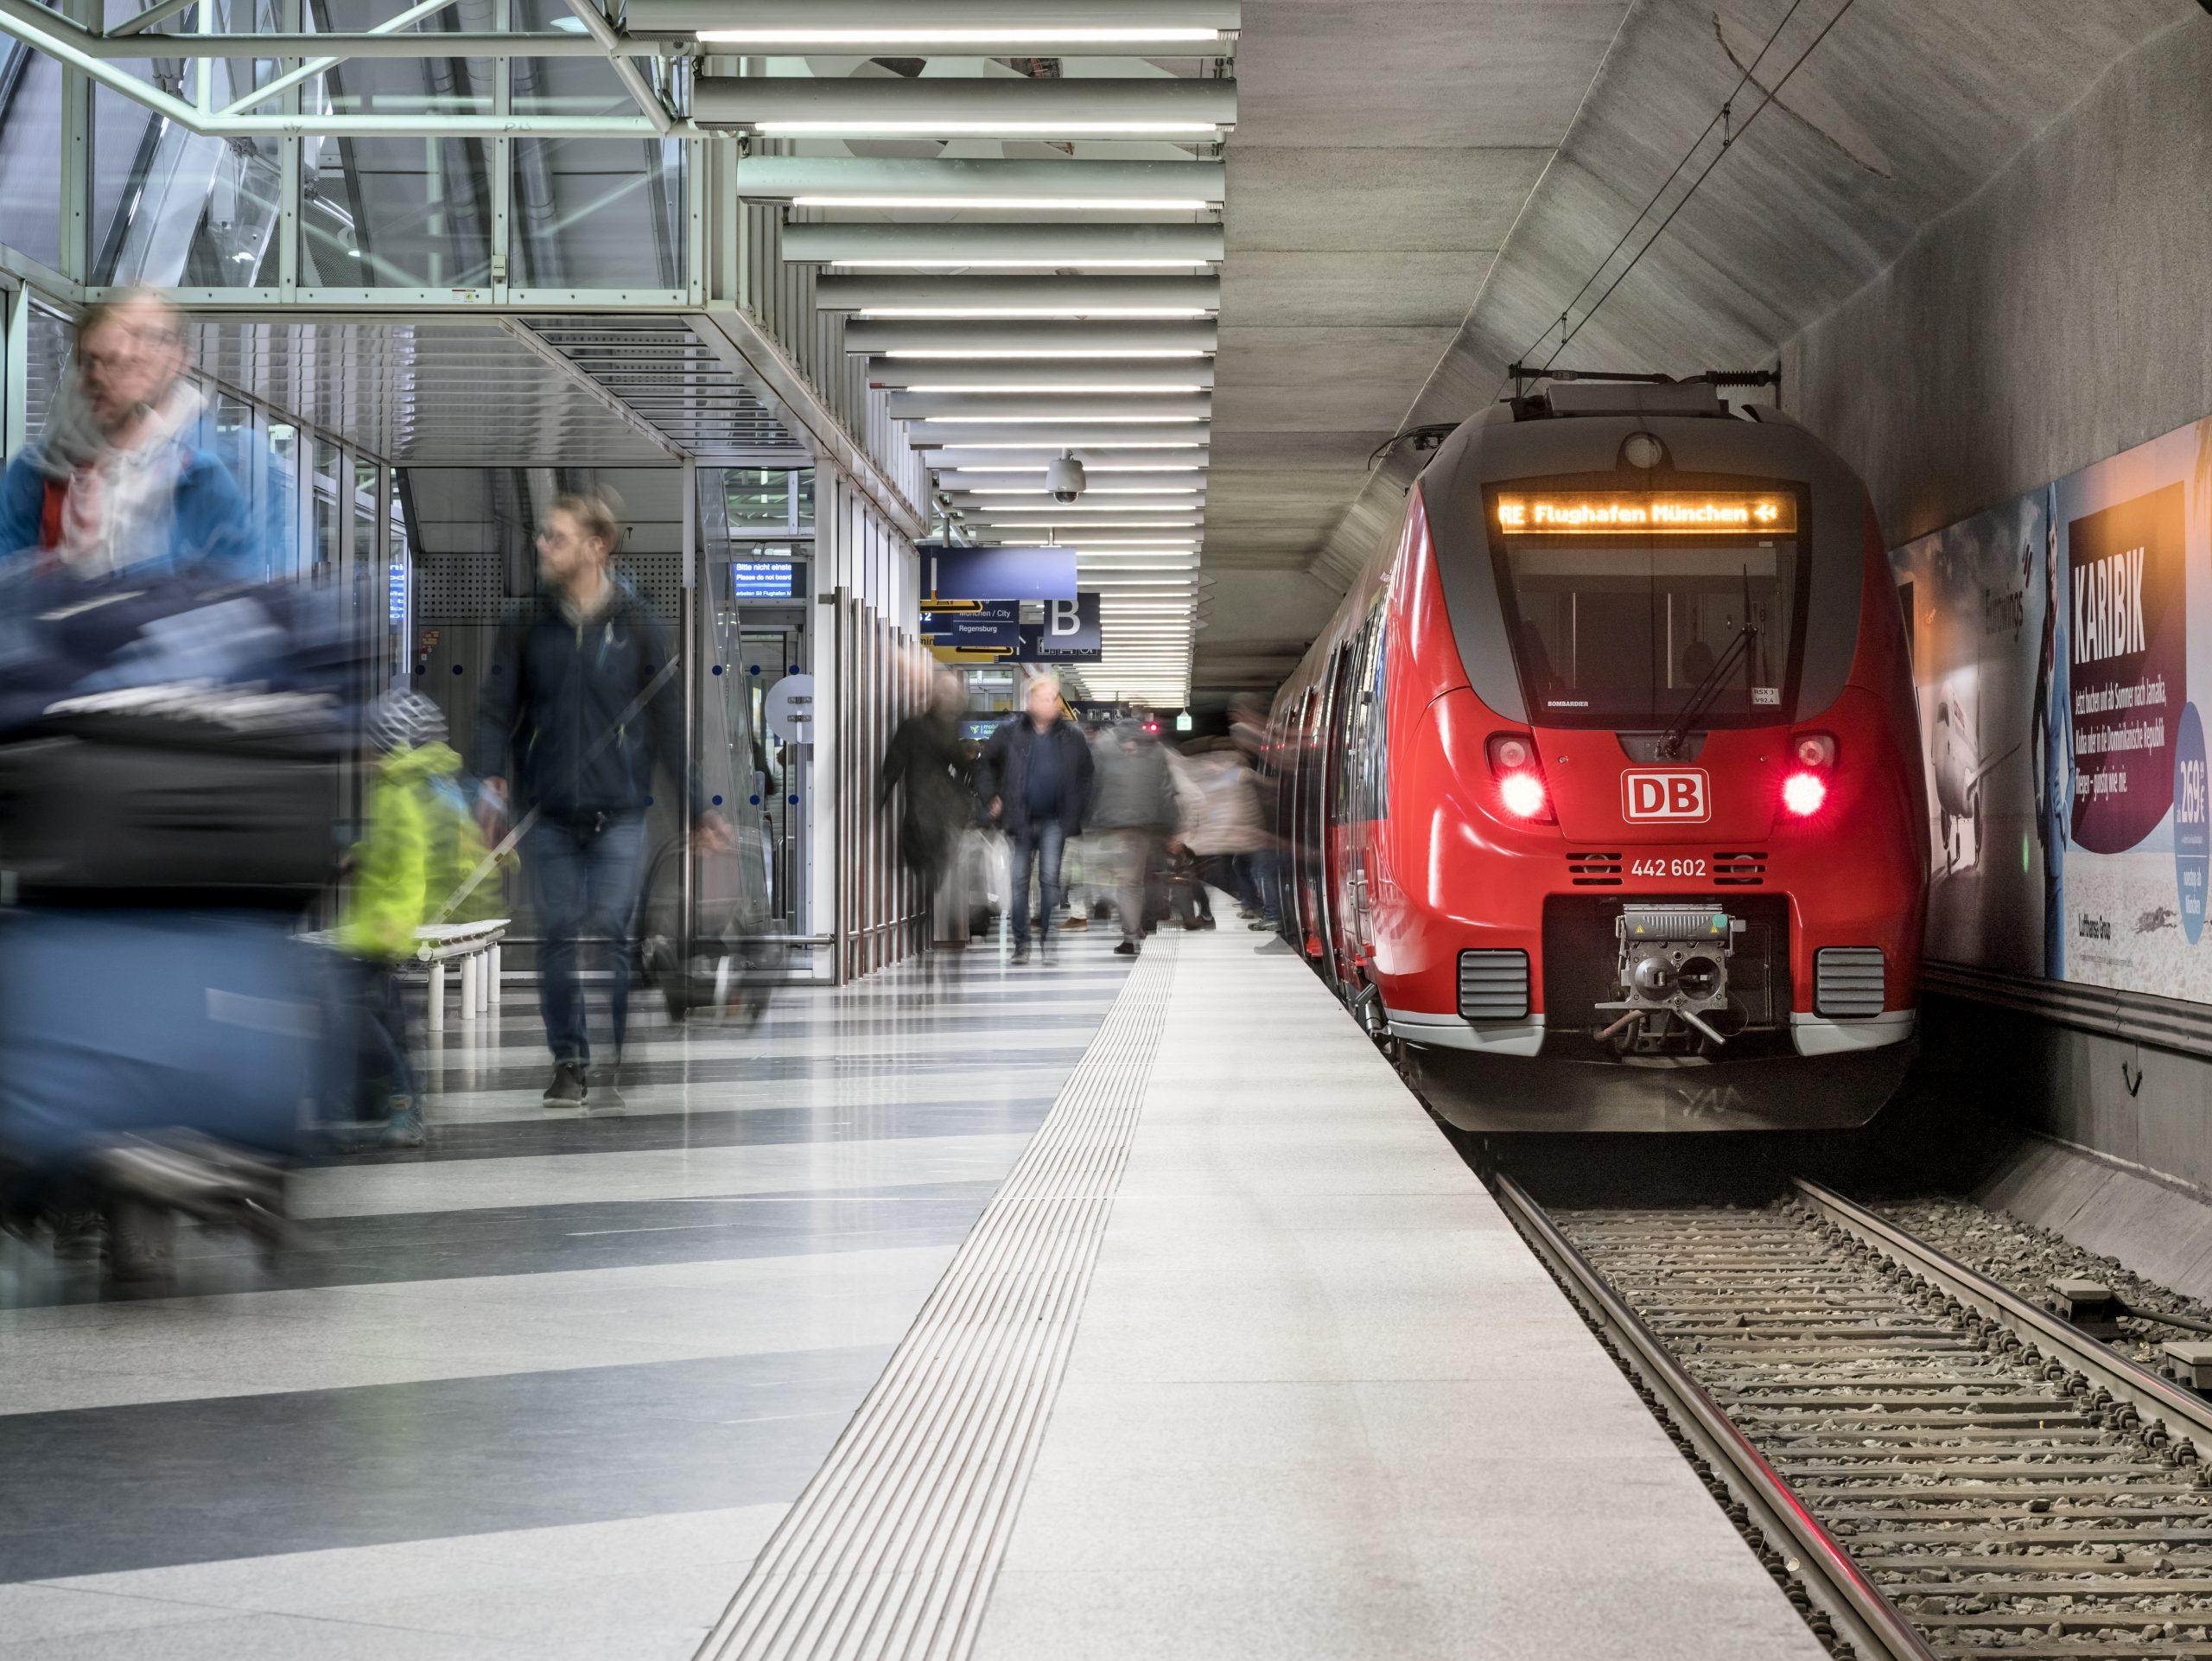 Der er øget trafik på de europæiske jernbaner, ansporet af blandt andet coronakrisen og fokus på mere miljøvenlige rejser. Her er det stationen i Münchens lufthavn. Pressefoto: Munich Airport.